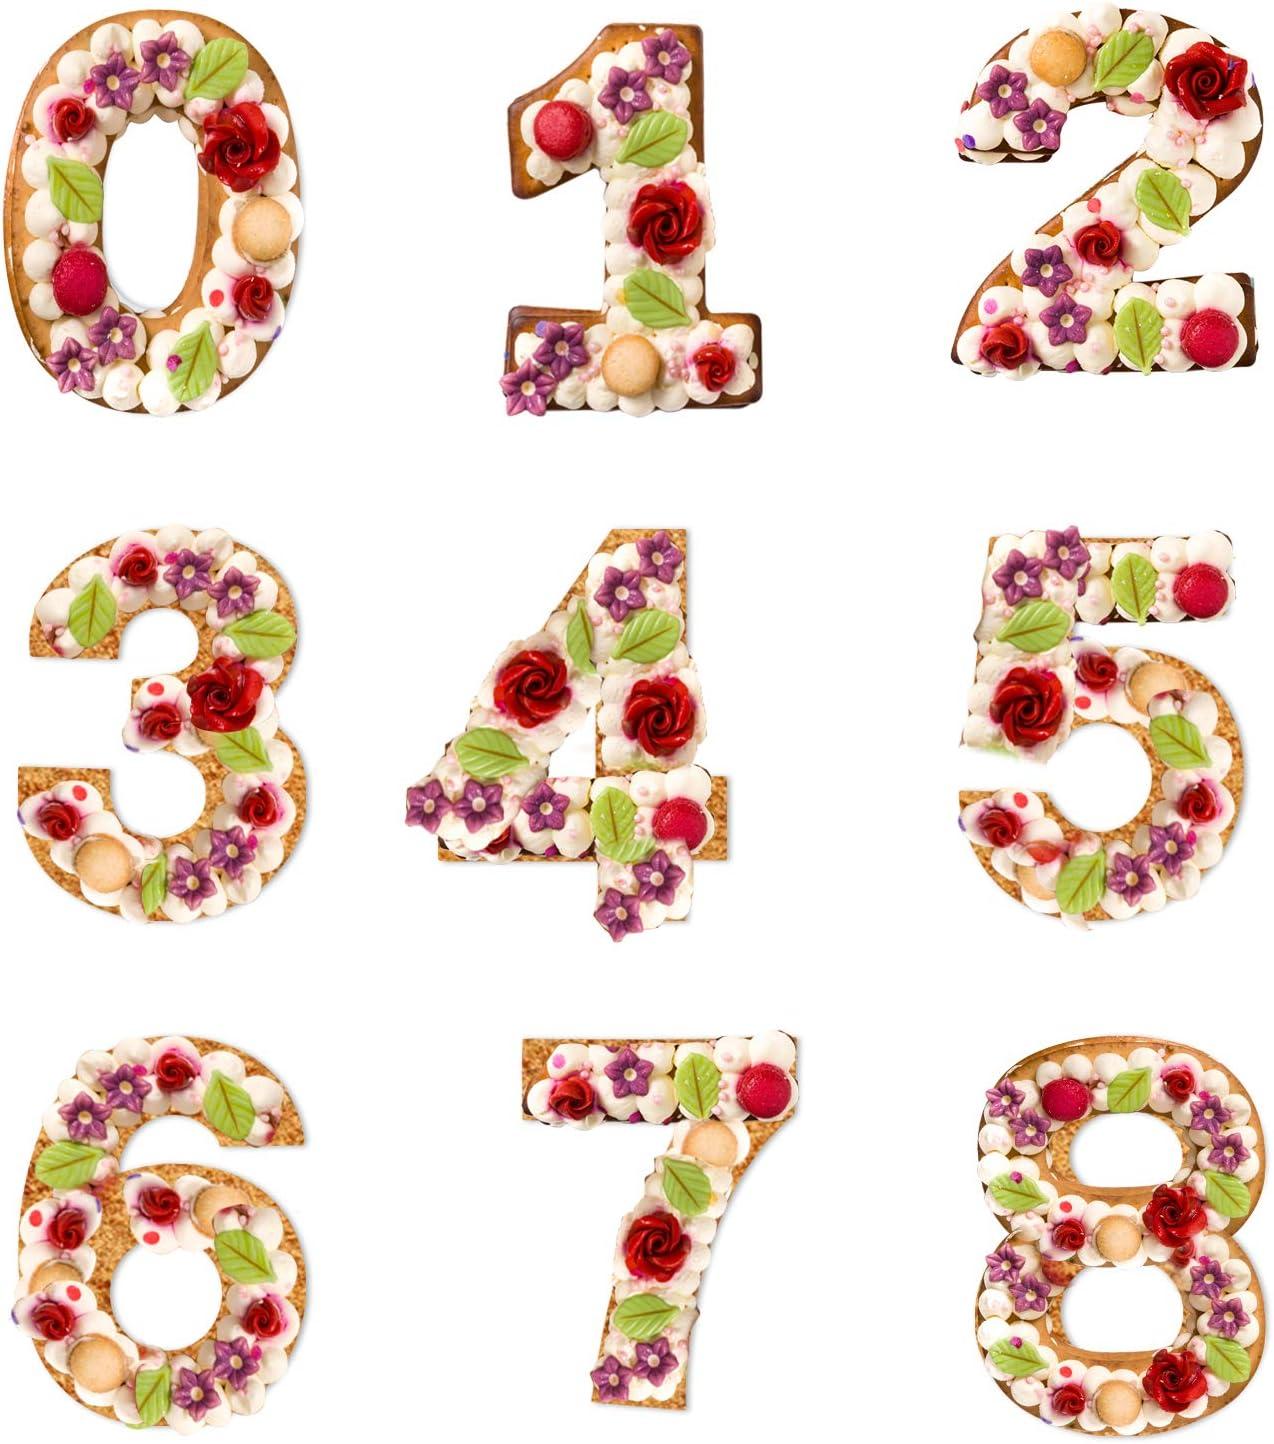 10 pollici Stampo per Torta Grande per Torta Nuziale Taglio della Torta Stampo per Glassa con Numeri da 0 a 8 Taglio della Torta Stampo per Glassa,Crema,Torta alla Frutta,Torta Nuziale Torta Nuziale